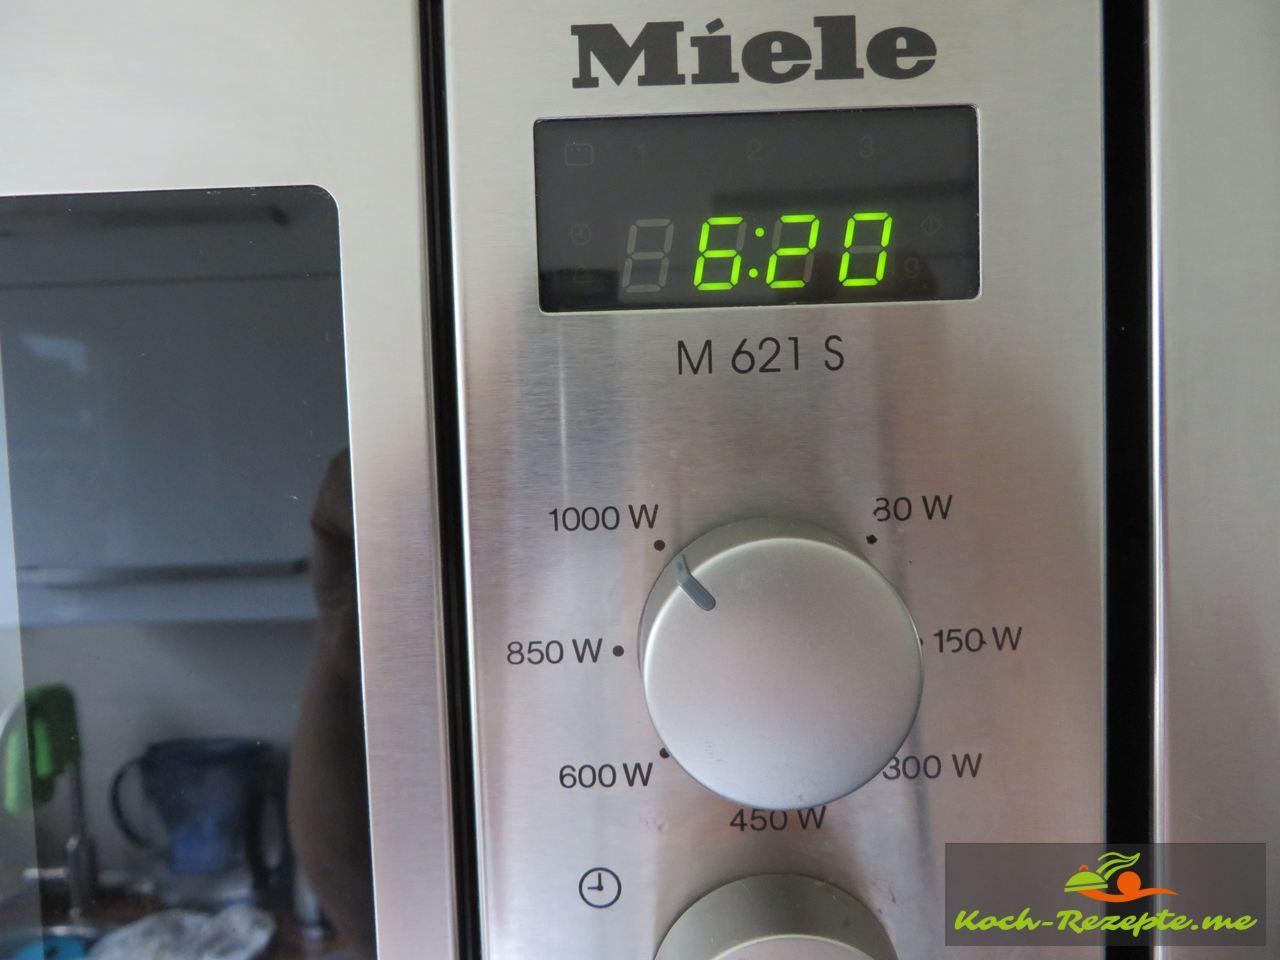 dünsten der Paprika in der Mikrowelle höchste Stufe 6-8 Minuten